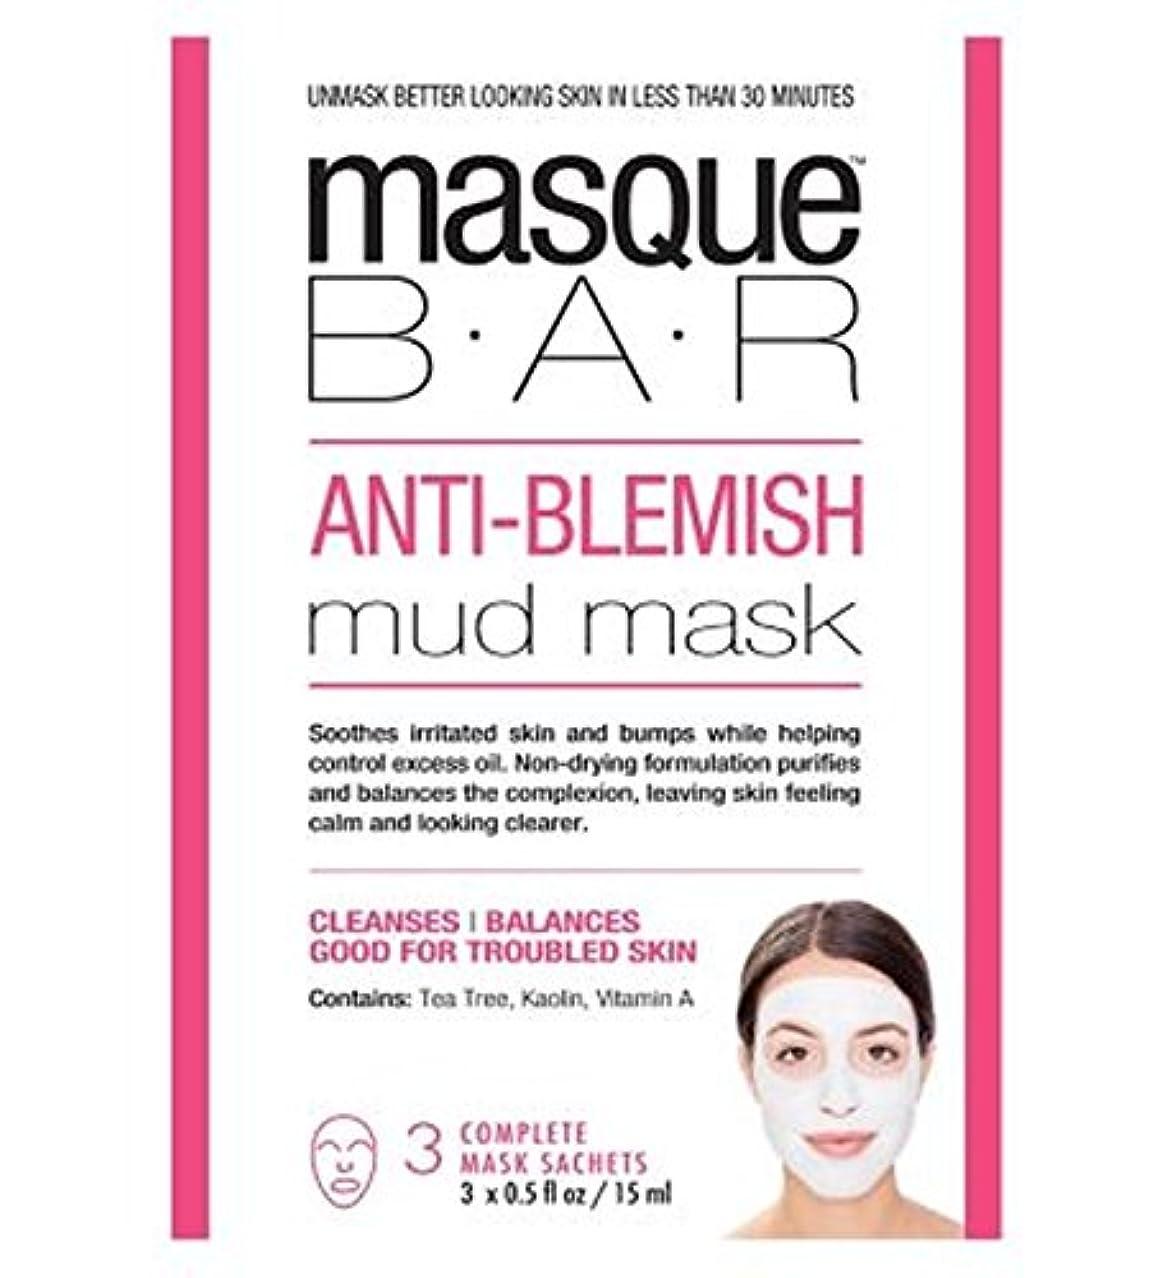 渇き合理化探偵Masque Bar Anti-Blemish Mud Mask - 3s - 仮面劇バー抗傷泥マスク - 3S (P6B Masque Bar Bt) [並行輸入品]